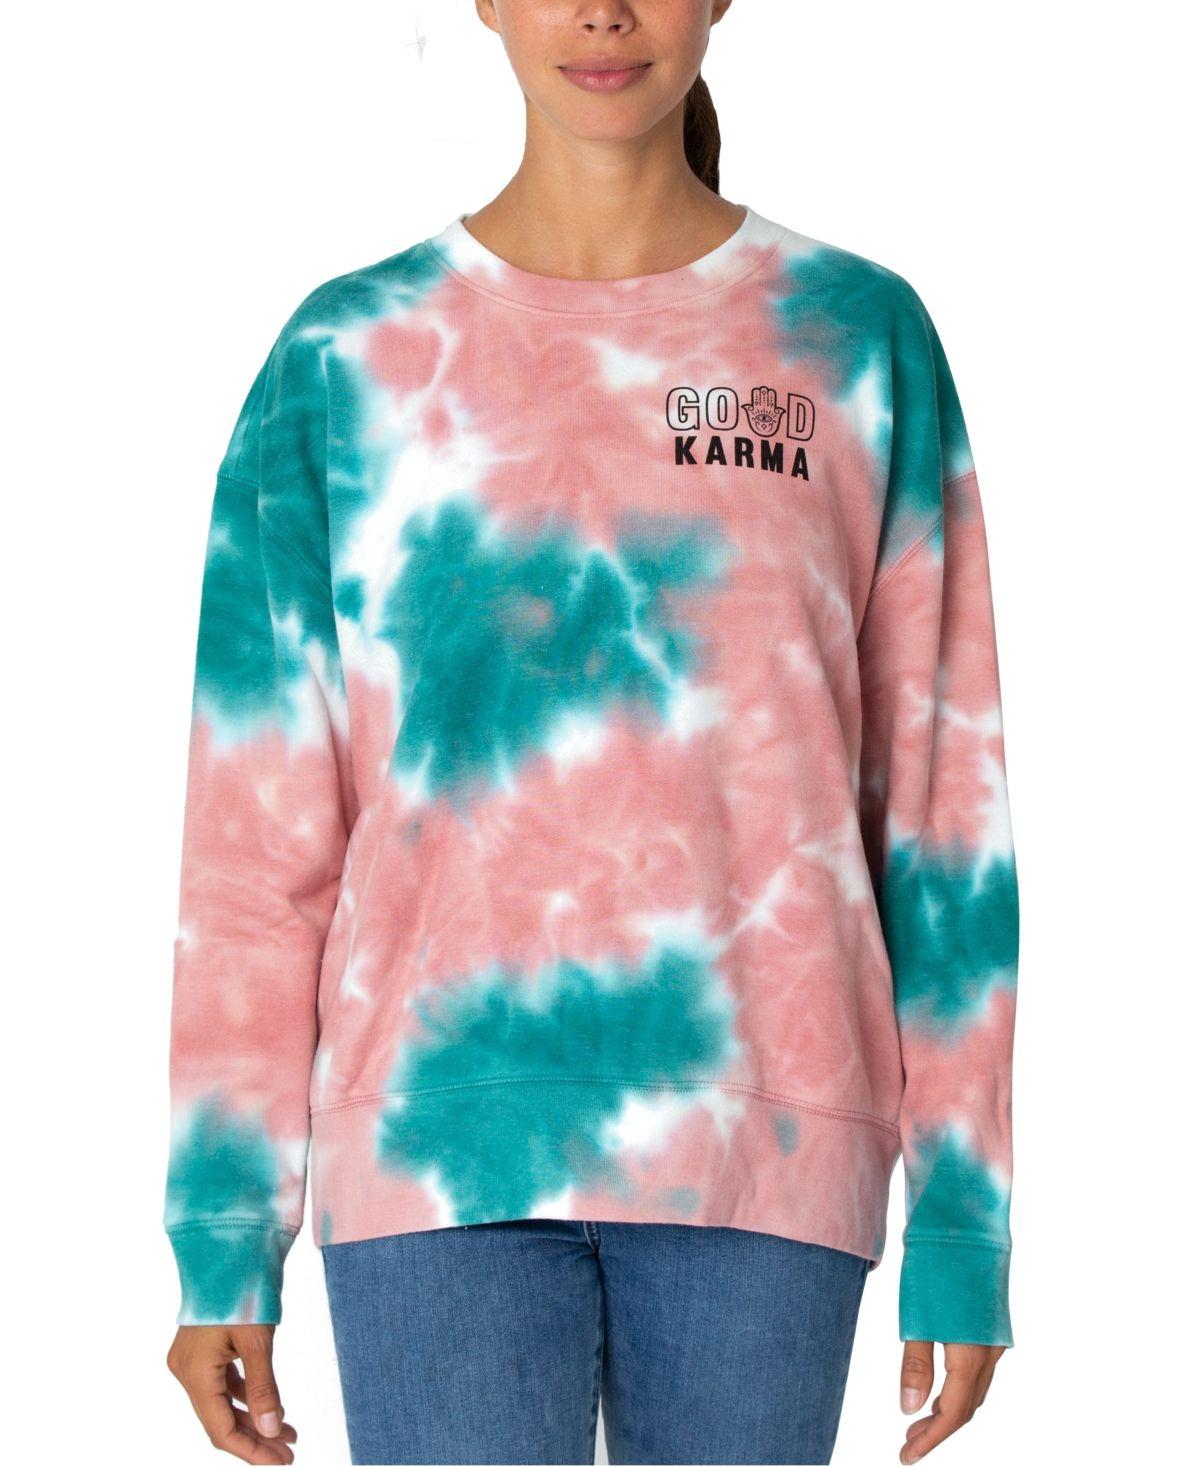 Rebellious One Juniors Tie Dyed Good Karma Graphic Sweatshirt Dusty Rose In 2021 Diy Tie Dye Shirts Tie Dye Cool Tie Dye Designs [ 1467 x 1200 Pixel ]